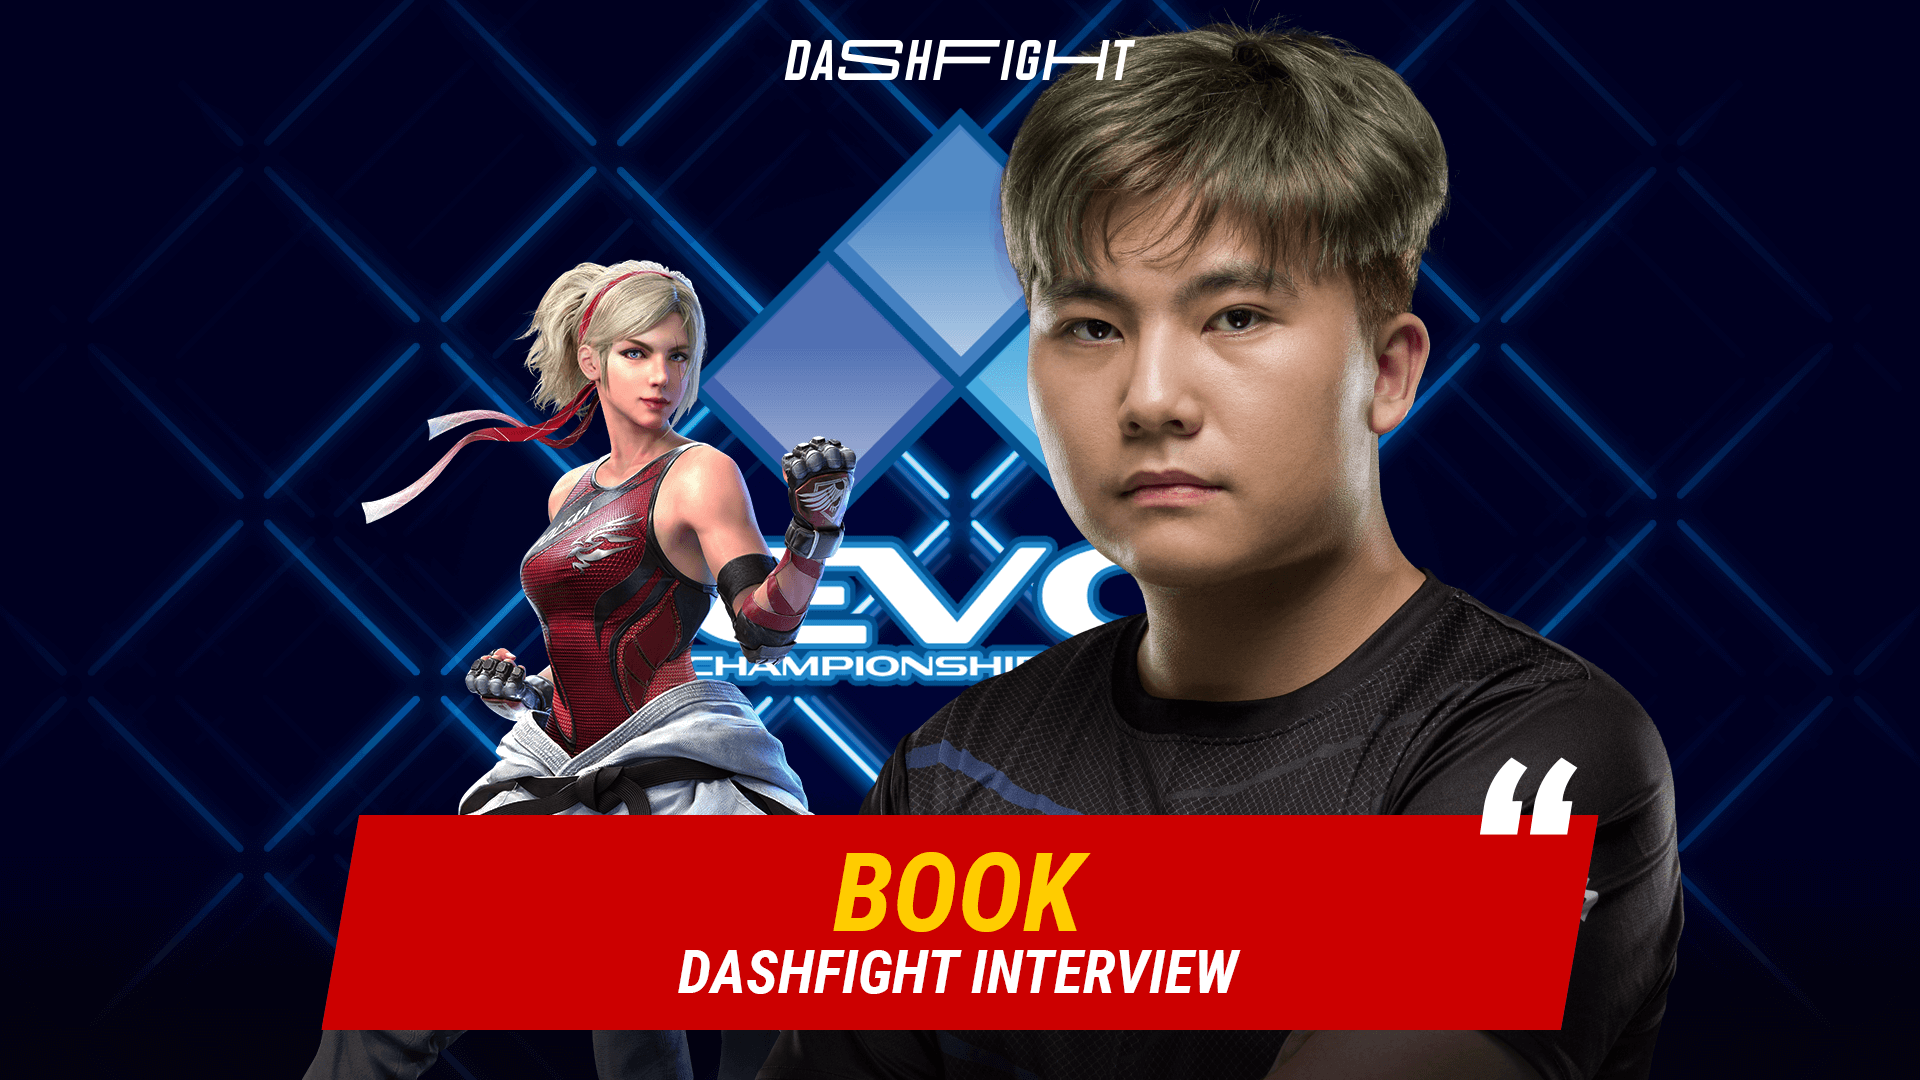 DashFight Interview With Book After Evo 2021 Online